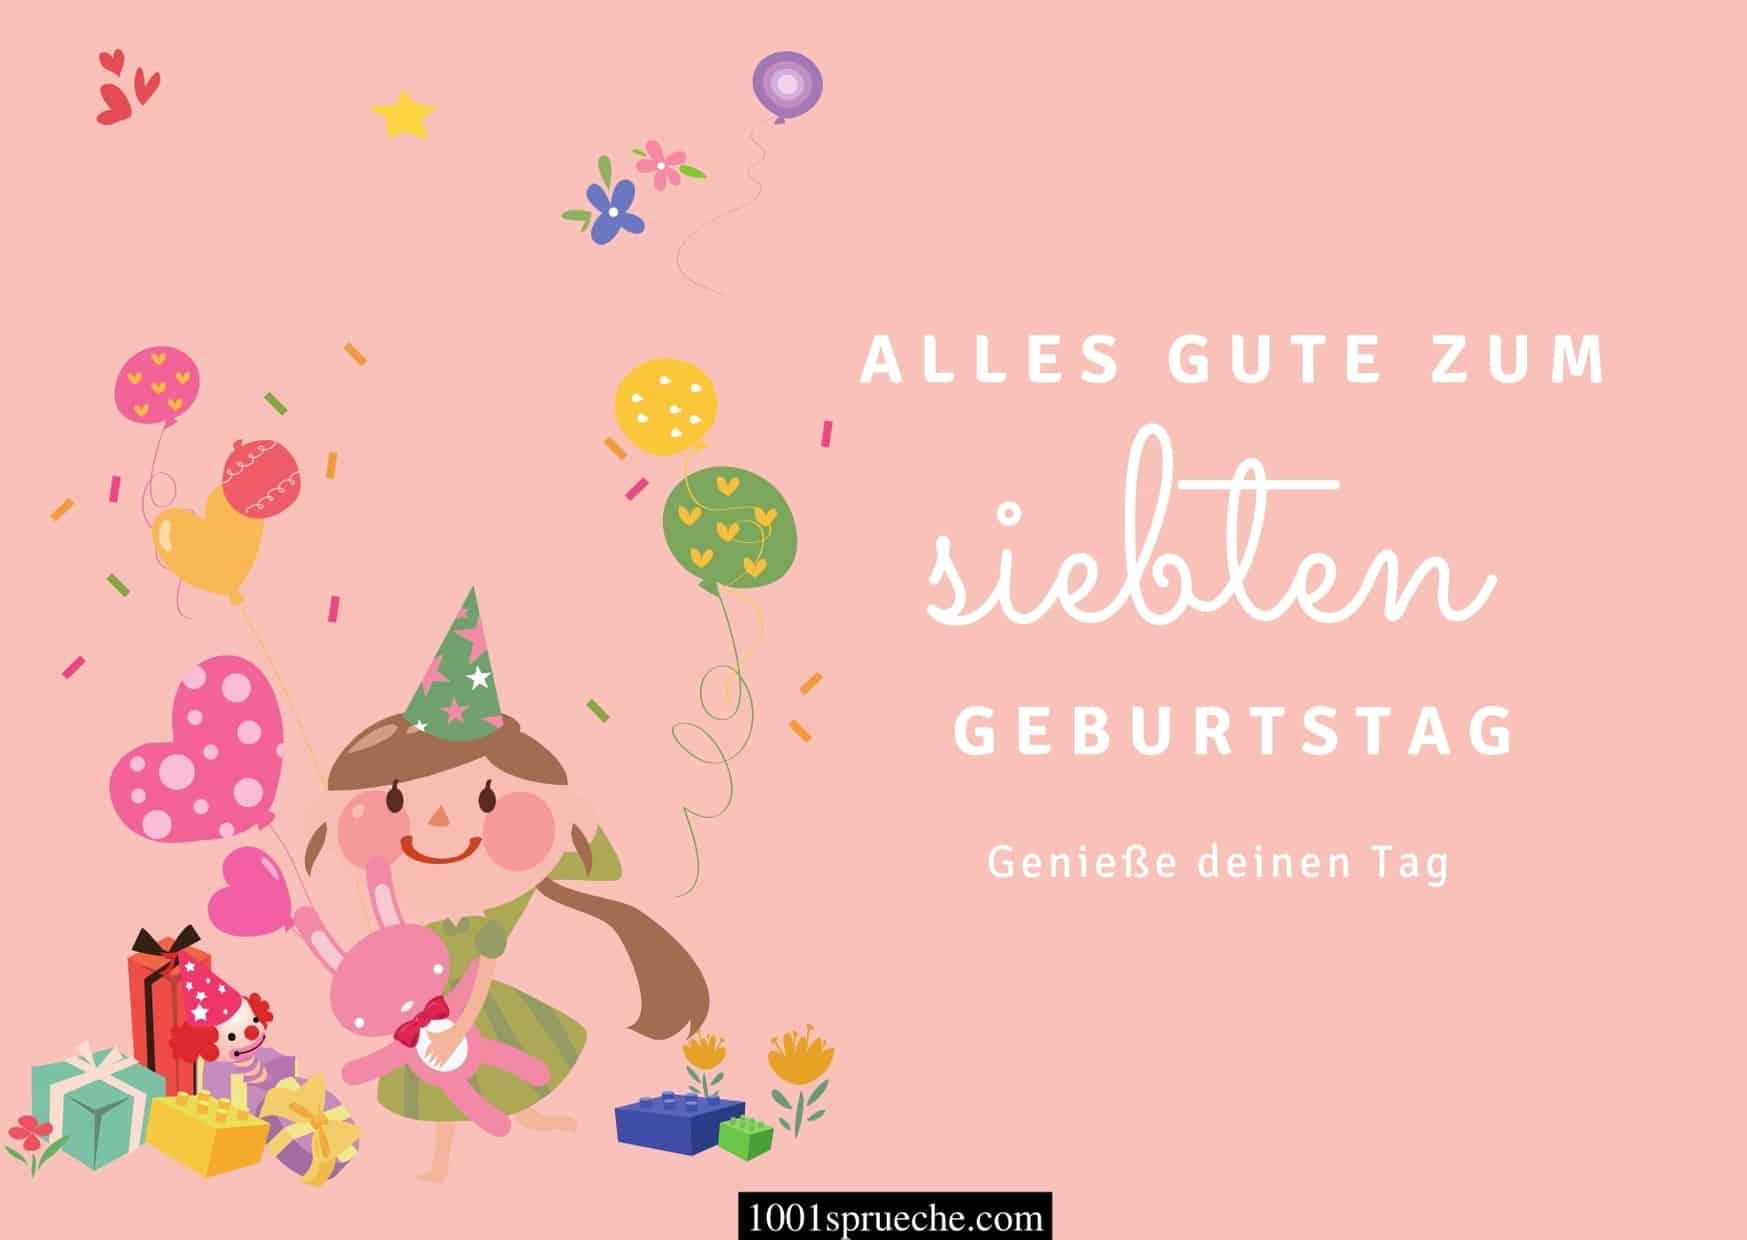 Glückwünsche zum 7. Geburtstag für Mädchen